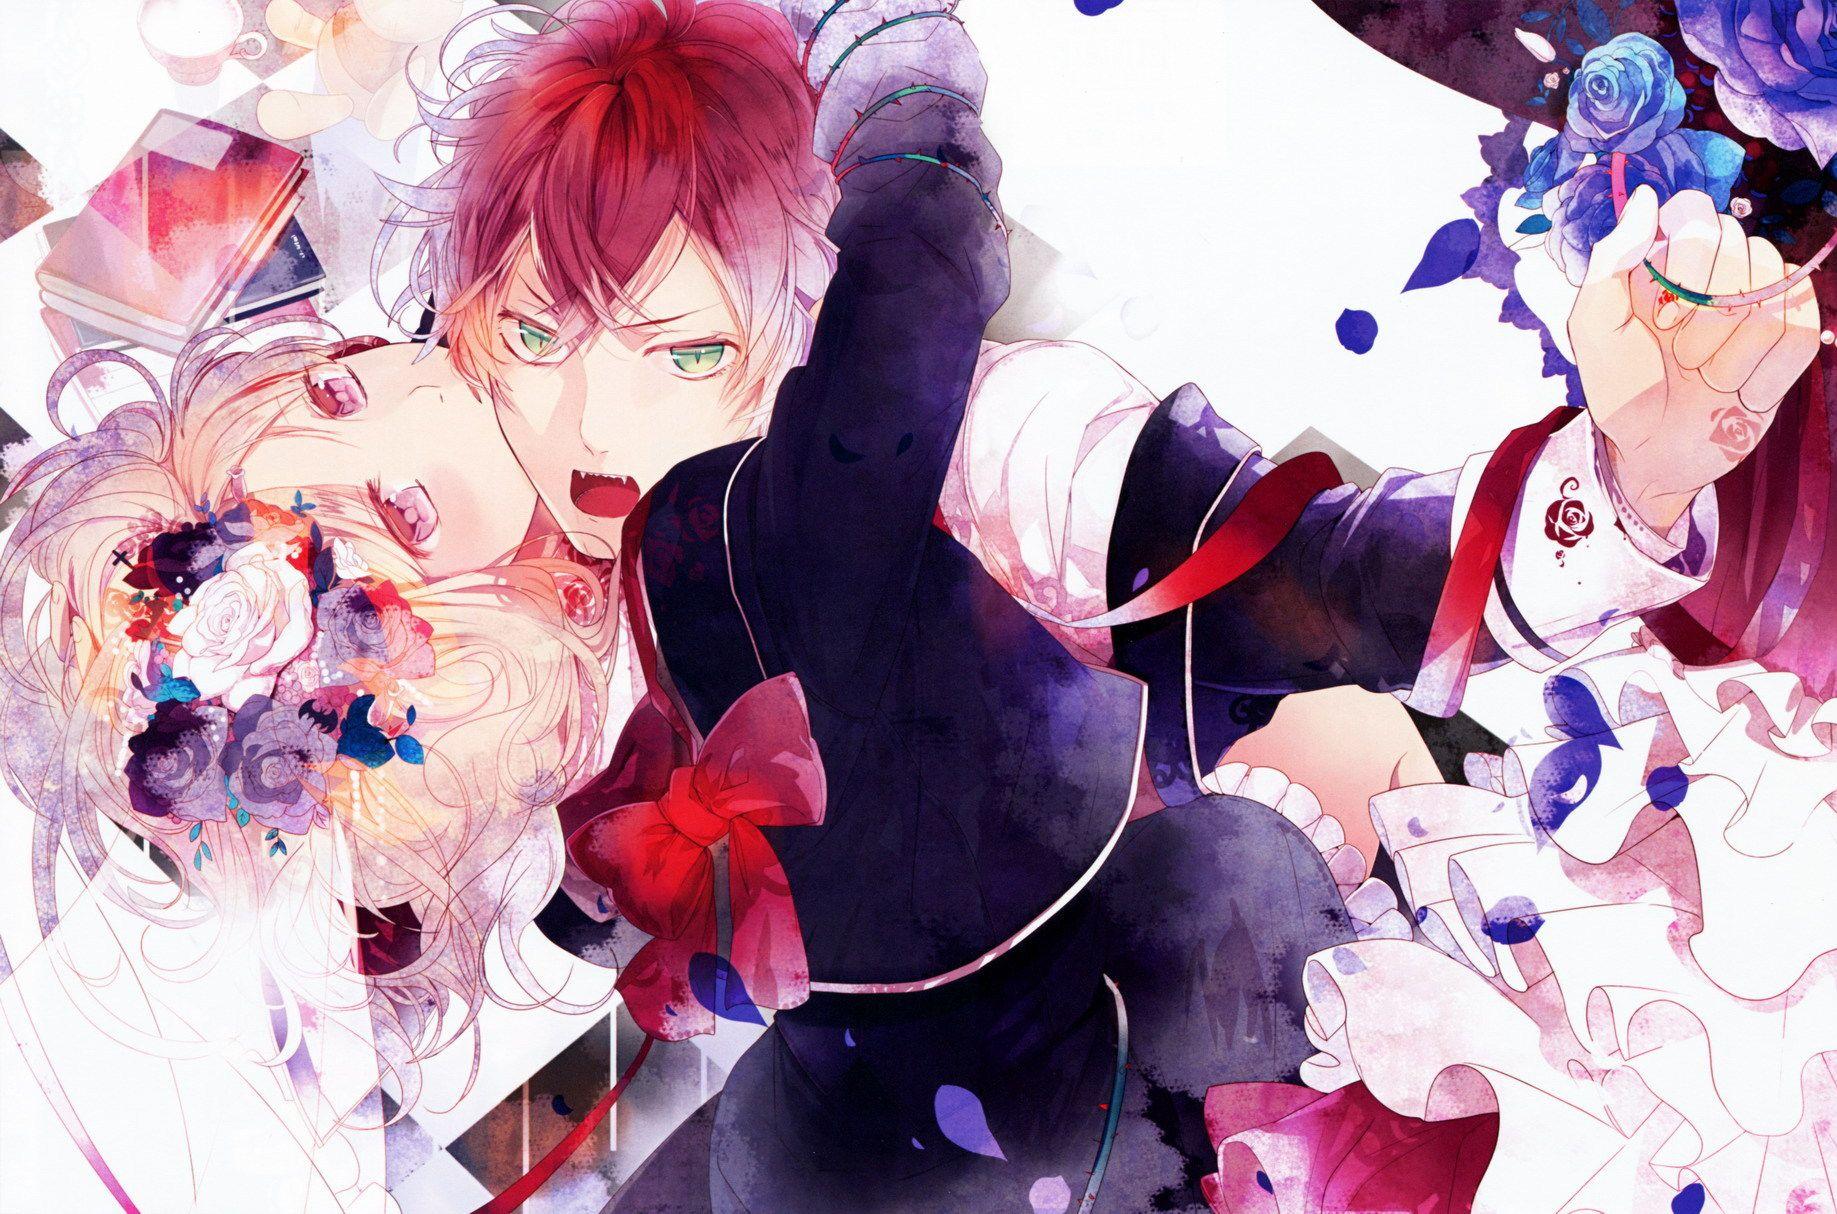 Image Diabolik Lovers Komori Yui Sakamaki Ayato Hd Wallpaper